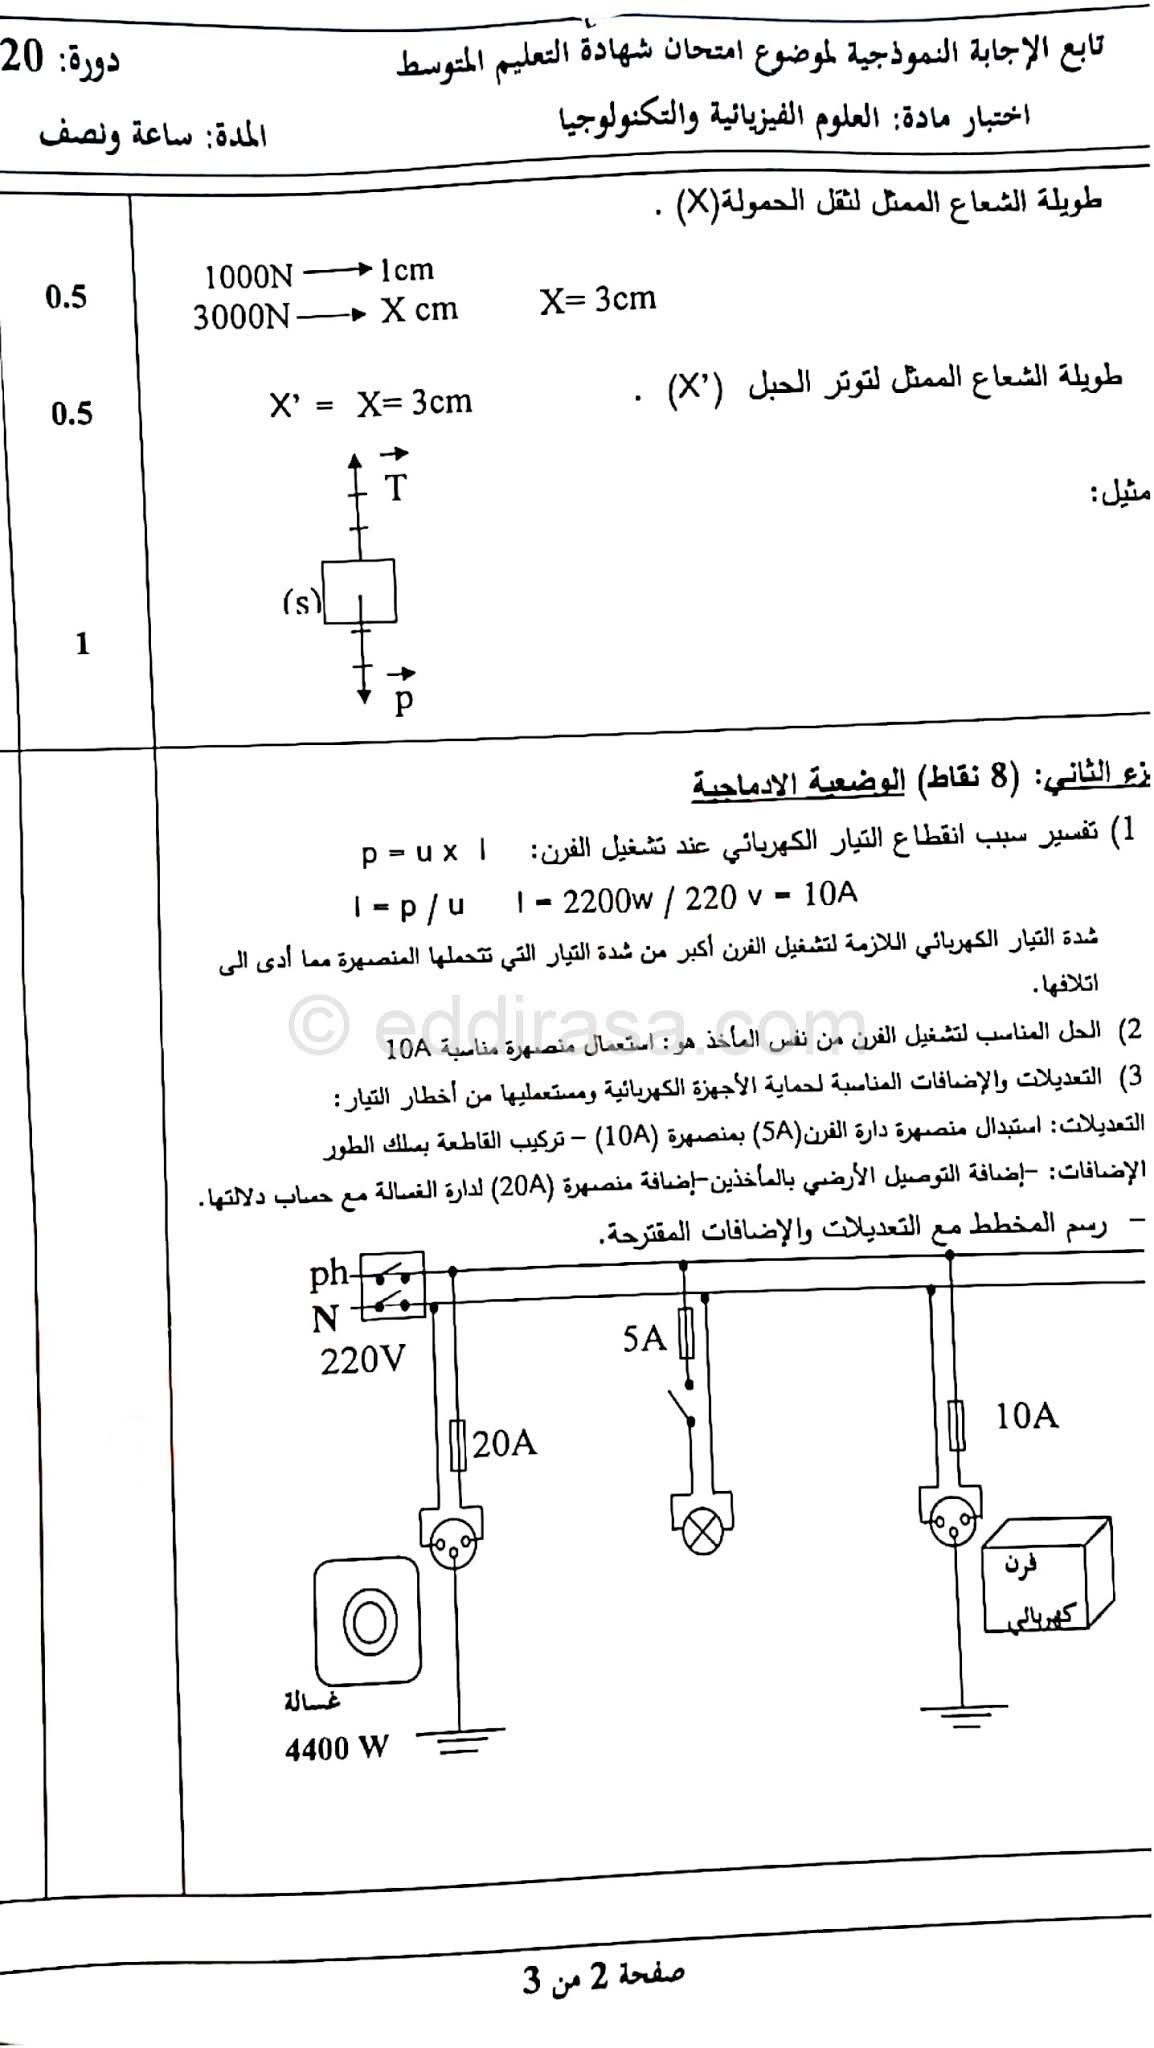 تصحيح موضوع الفيزياء لشهادة التعليم المتوسط Bem 2020 ملف pdf